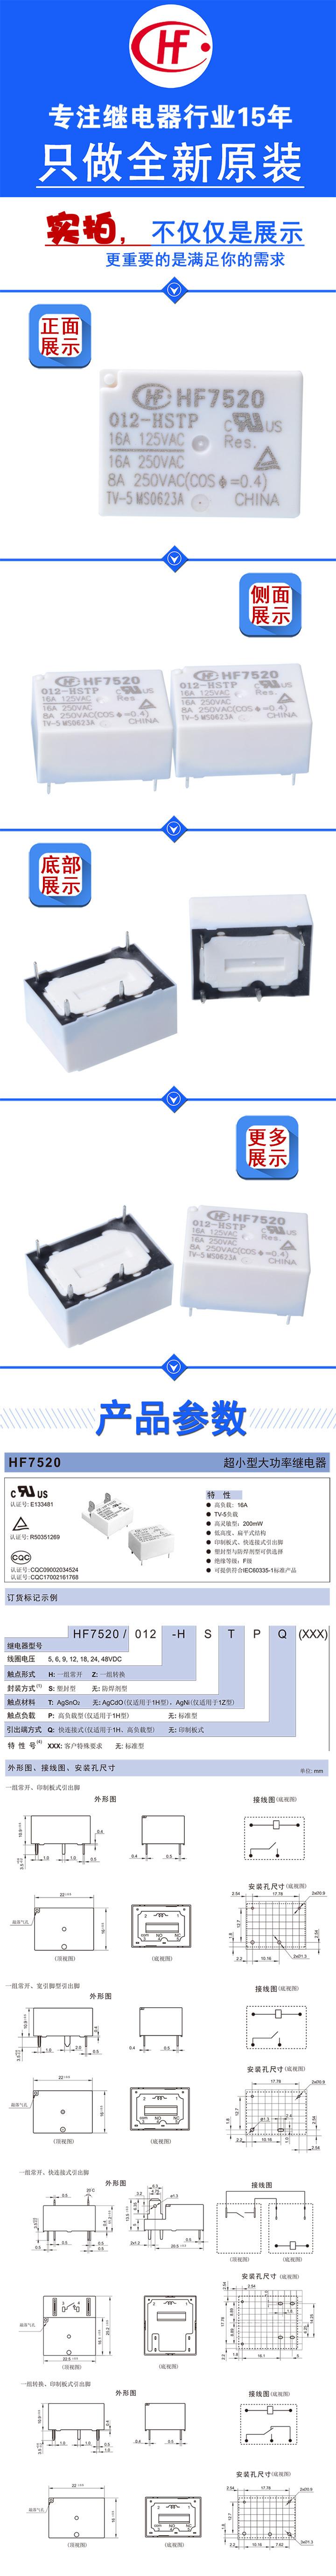 HF7520-012-HSTP_01